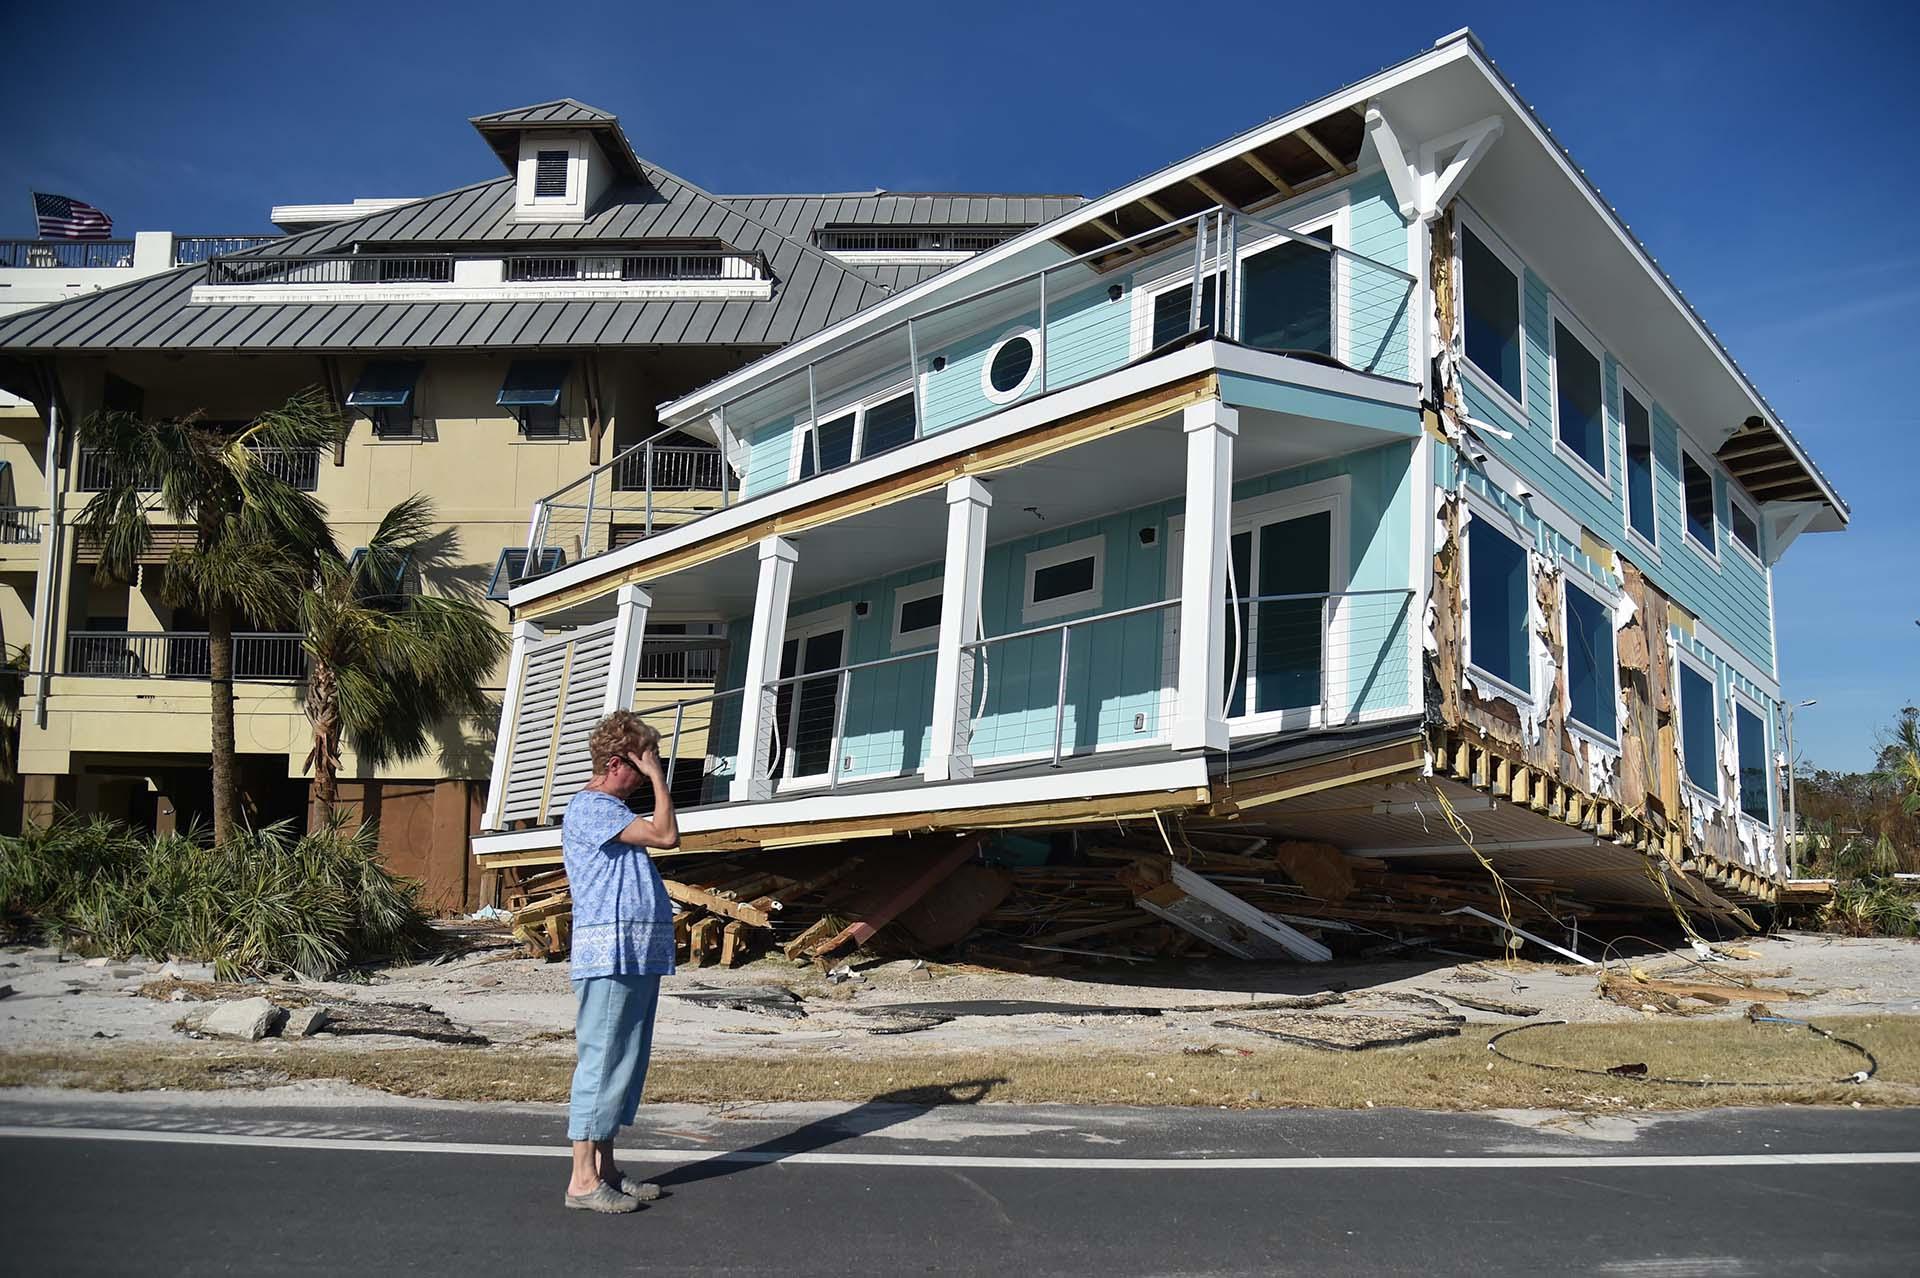 Claire se lamenta al ver el daño causado por el huracán Michael en Mexico Beach, en Florida, el 12 de octubre